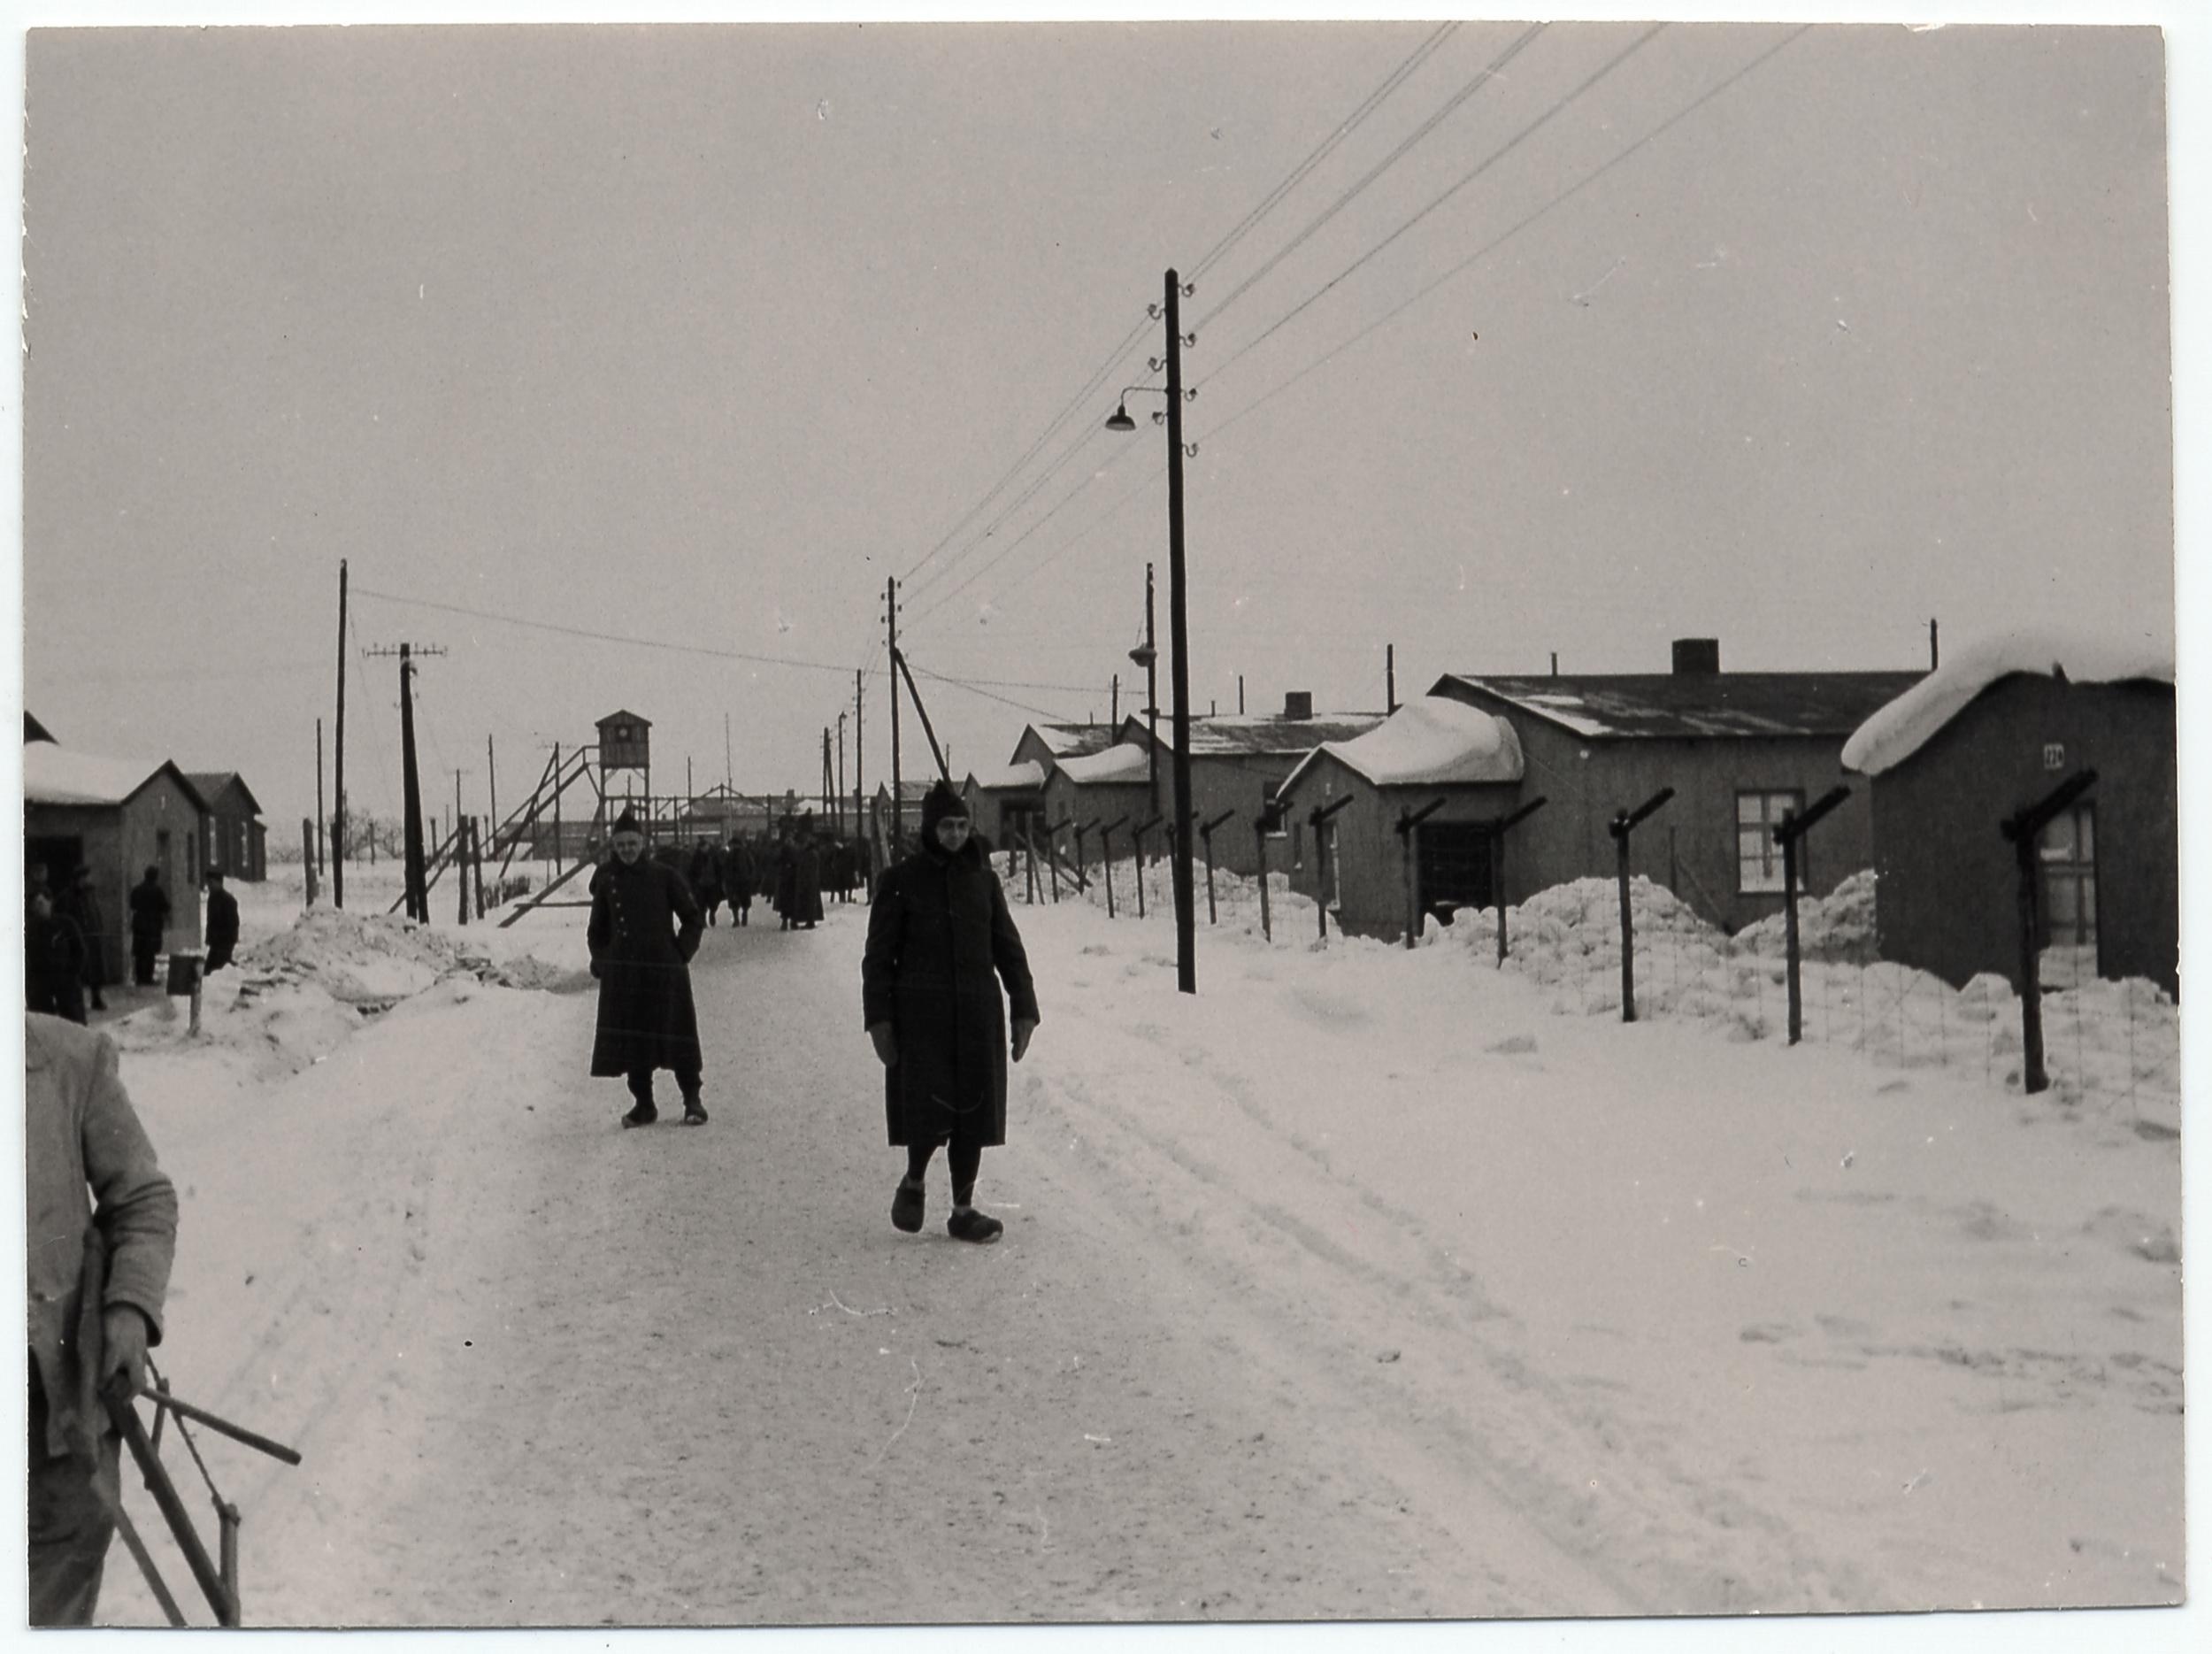 올리비에 메시앙이 수용되었던 독일 괴를리츠(Görlitz) 근처의 스탈락8A(Stalag VIIIA)포로수용소의 모습